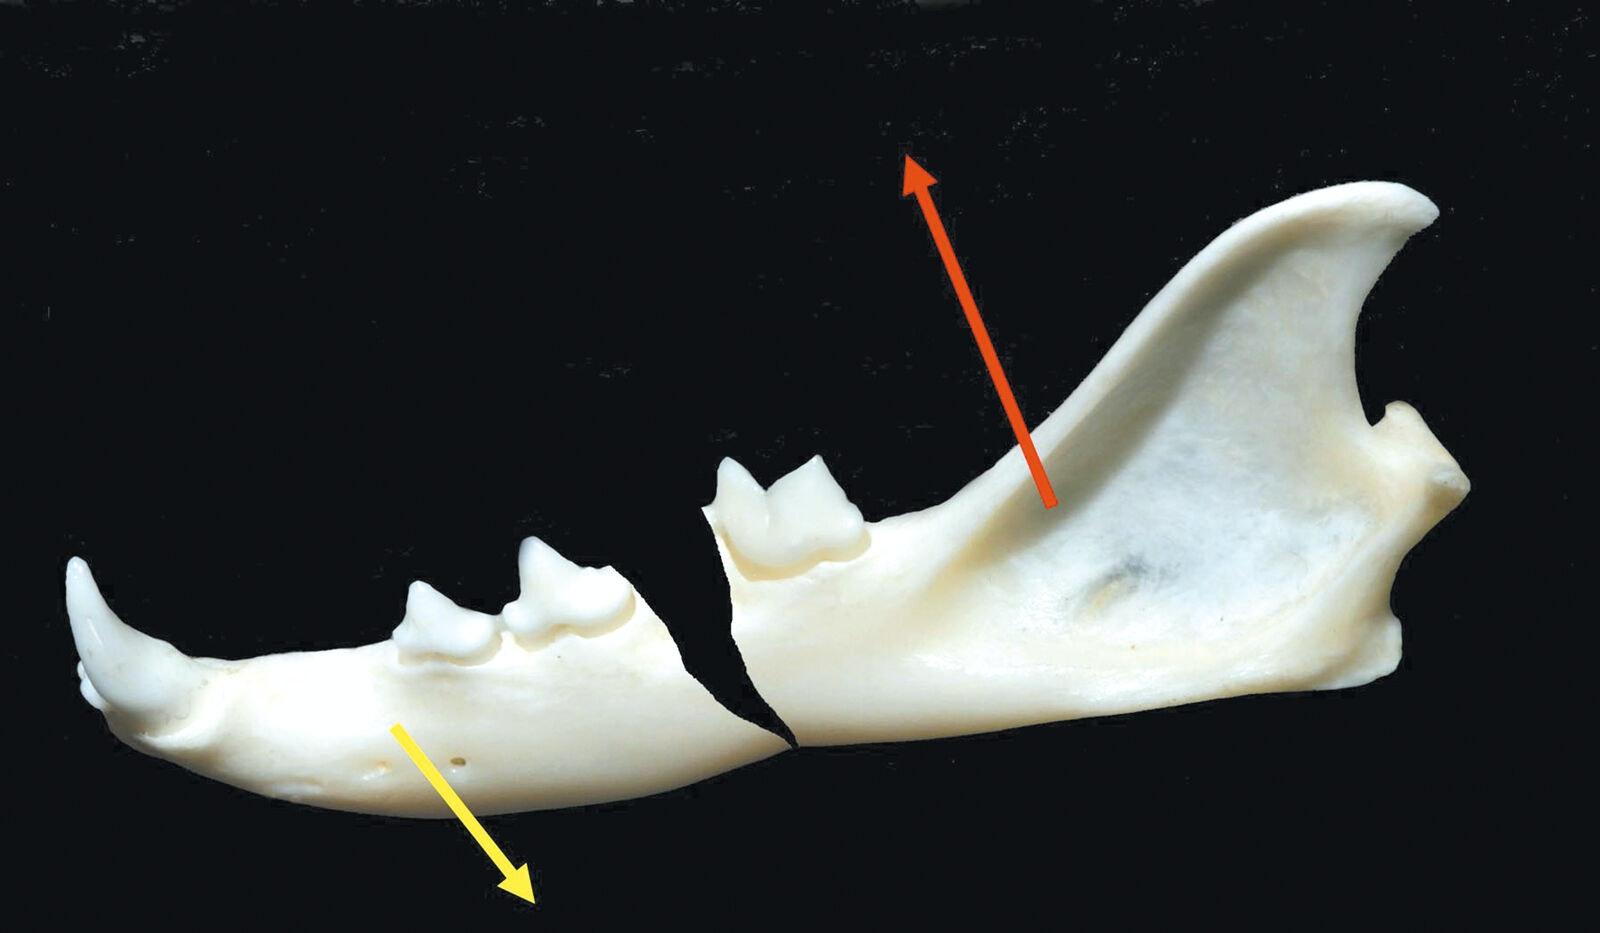 Fraktur des Corpus mandibulae. Gelber Pfeil = Zugrichtung der Kieferöffner, roter Pfeil = Zugrichtung der Kieferschließer. Ungünstiger Verlauf der Frakturlinie einer Unterkieferkörperfraktur mit Klaffen des Frakturspaltes.